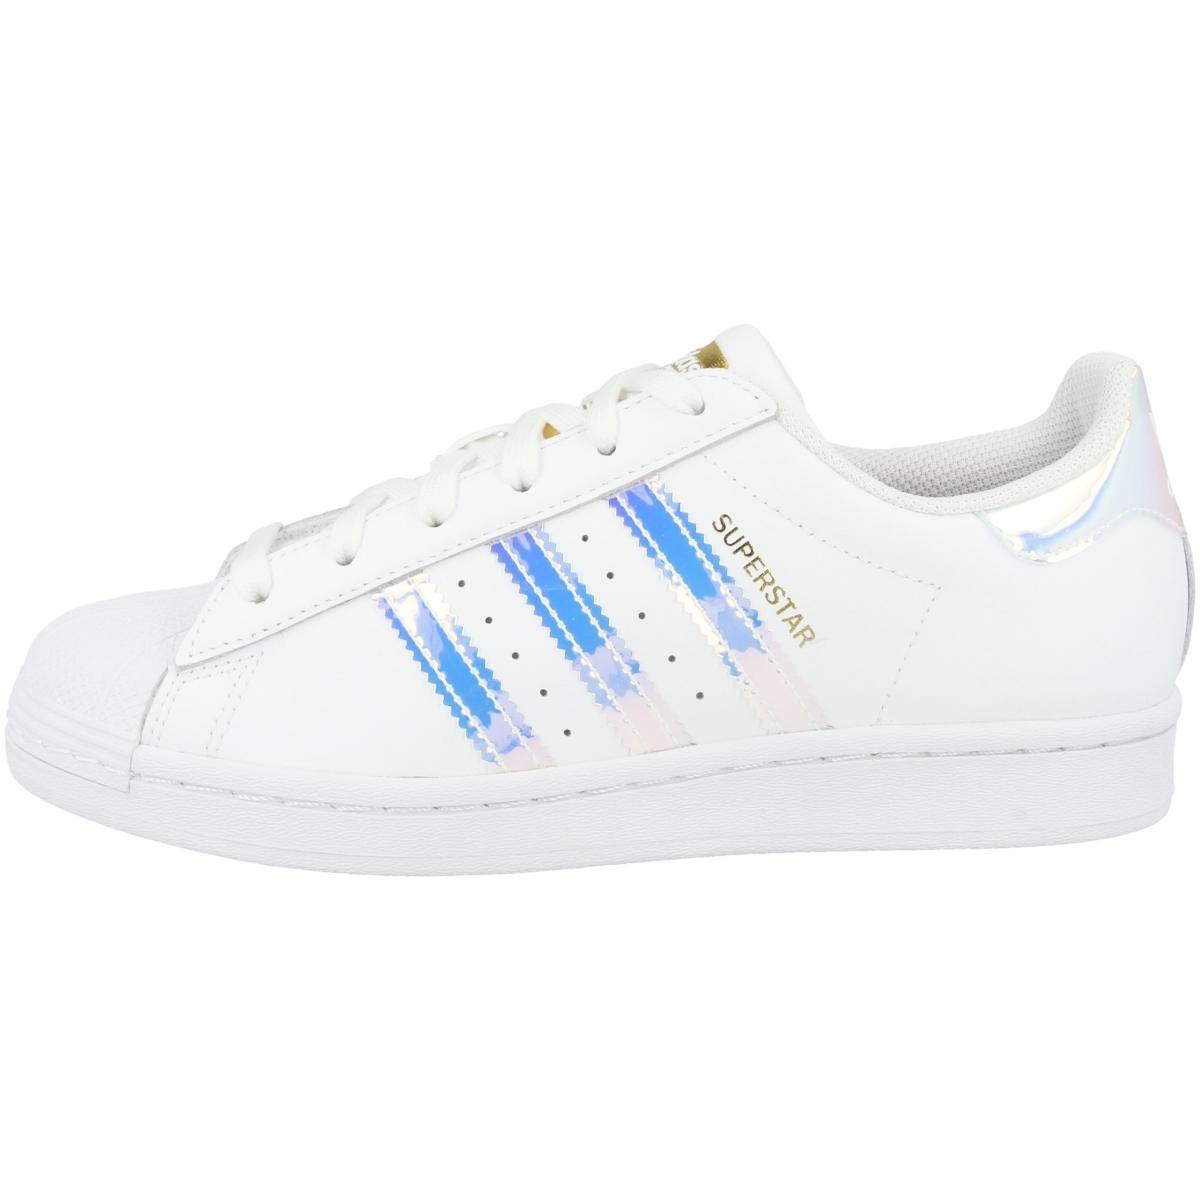 Adidas-Superstar-cortos-senora-Originals-ocio-zapatos-zapatillas-clasico miniatura 4